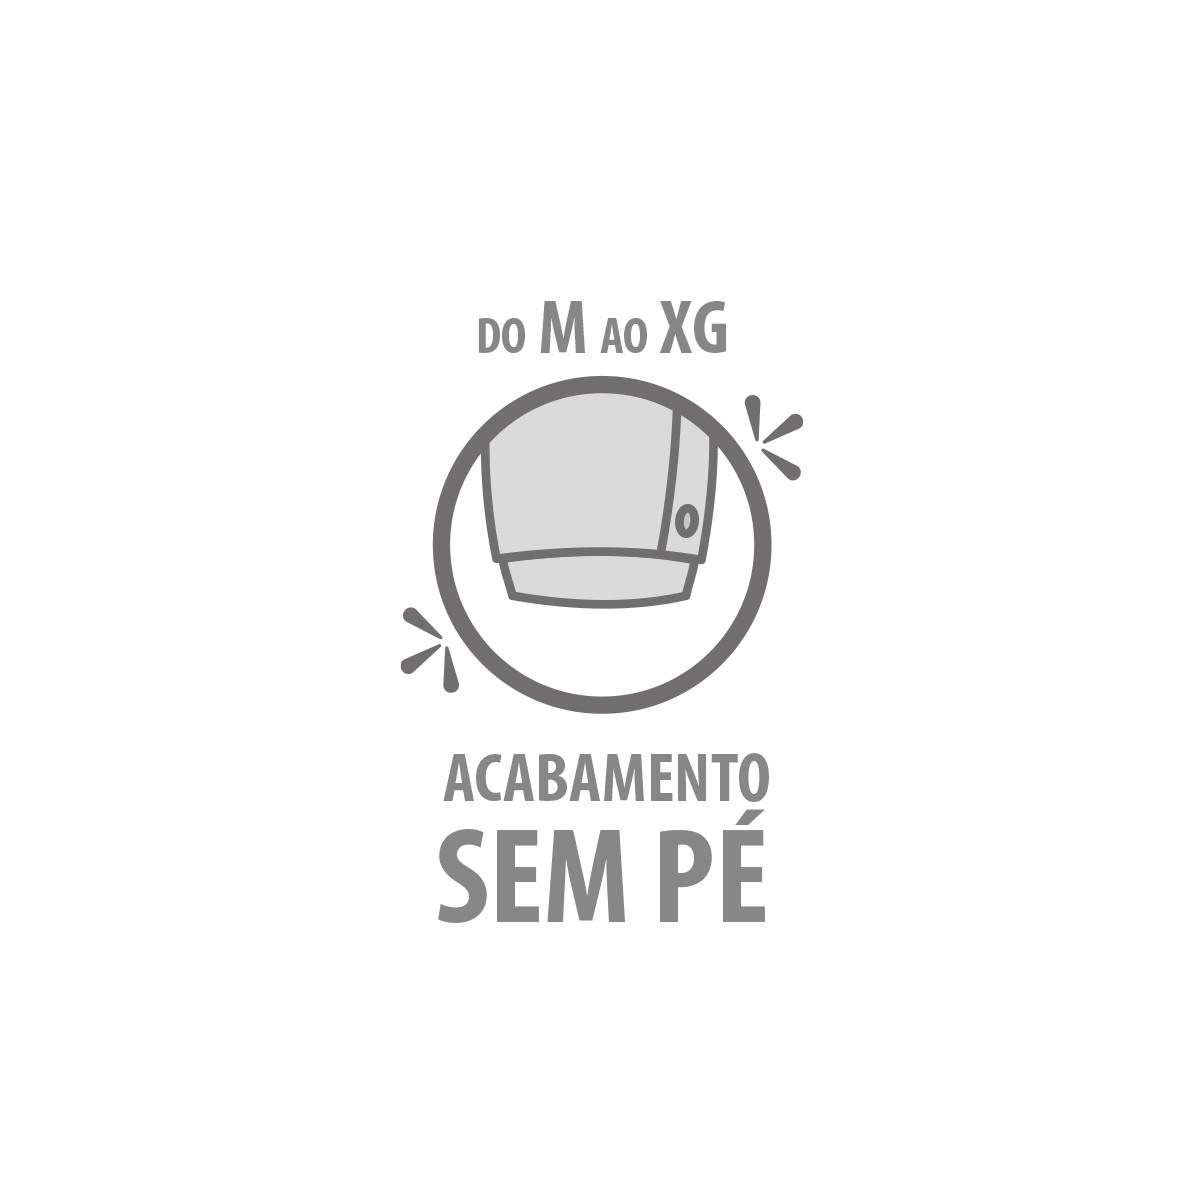 Macacão Zíper Fio Egípcio Florzinha - Tamanhos RN e P com pezinho; M, G e XG sem pezinho  - Piu Blu